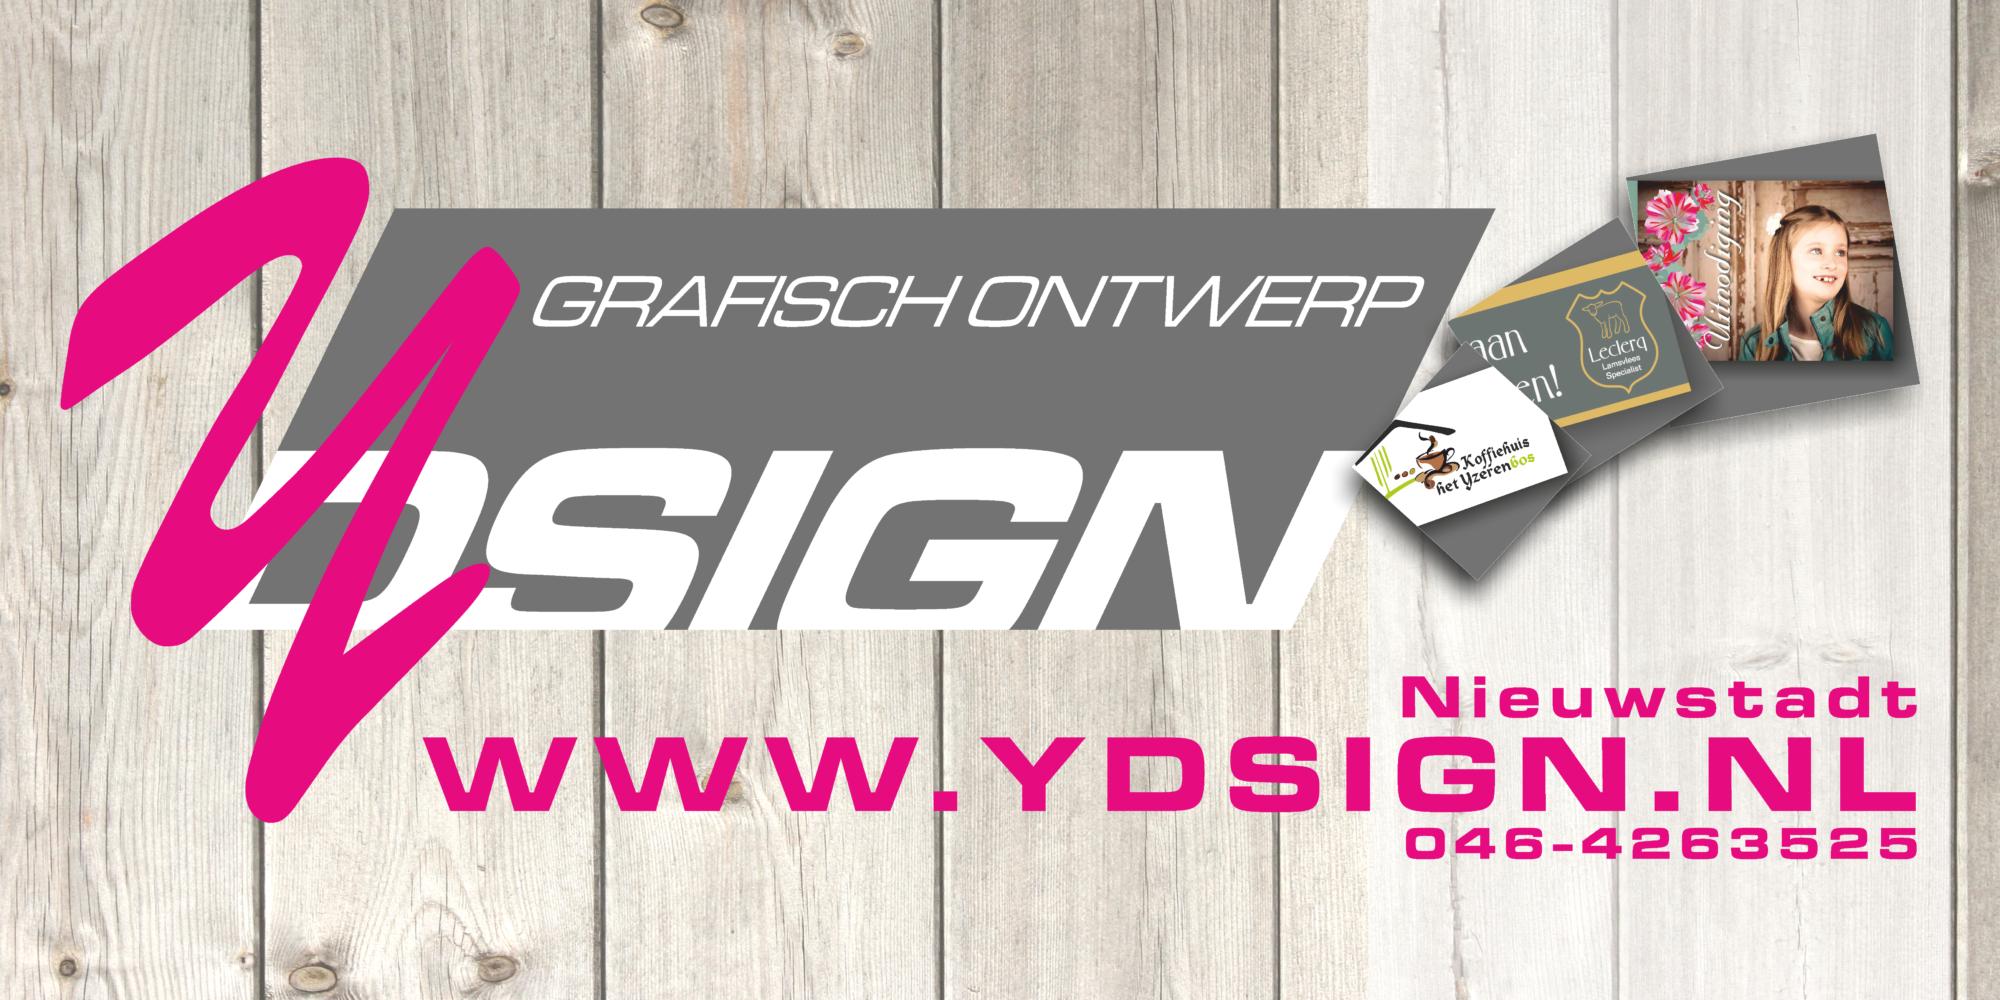 www.ydsign.nl Y-dsign grafisch ontwerp Nieuwstadt